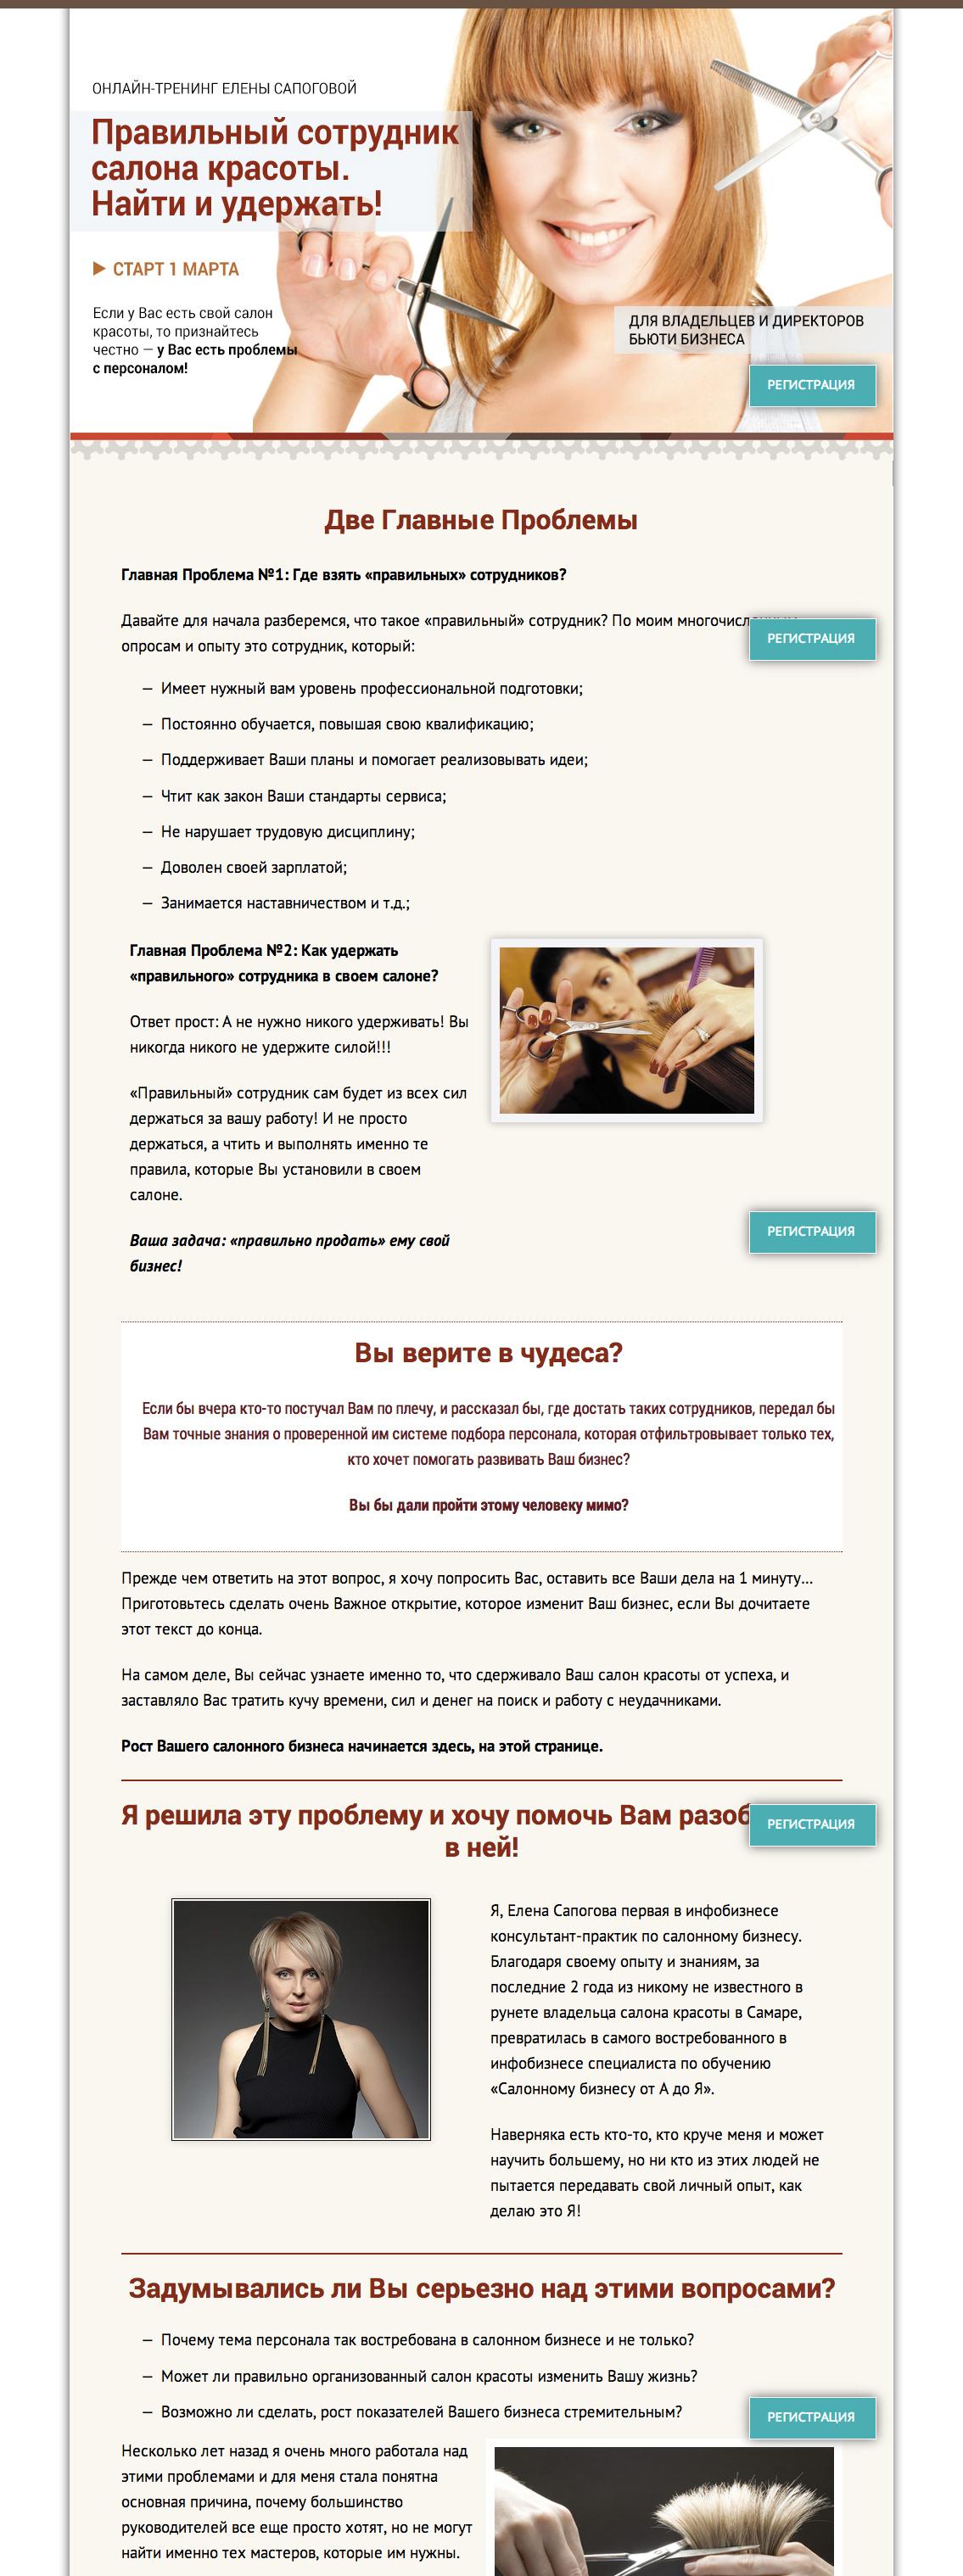 Промо-сайт «Правильный сотрудник салона красоты» для Елены Сапоговой